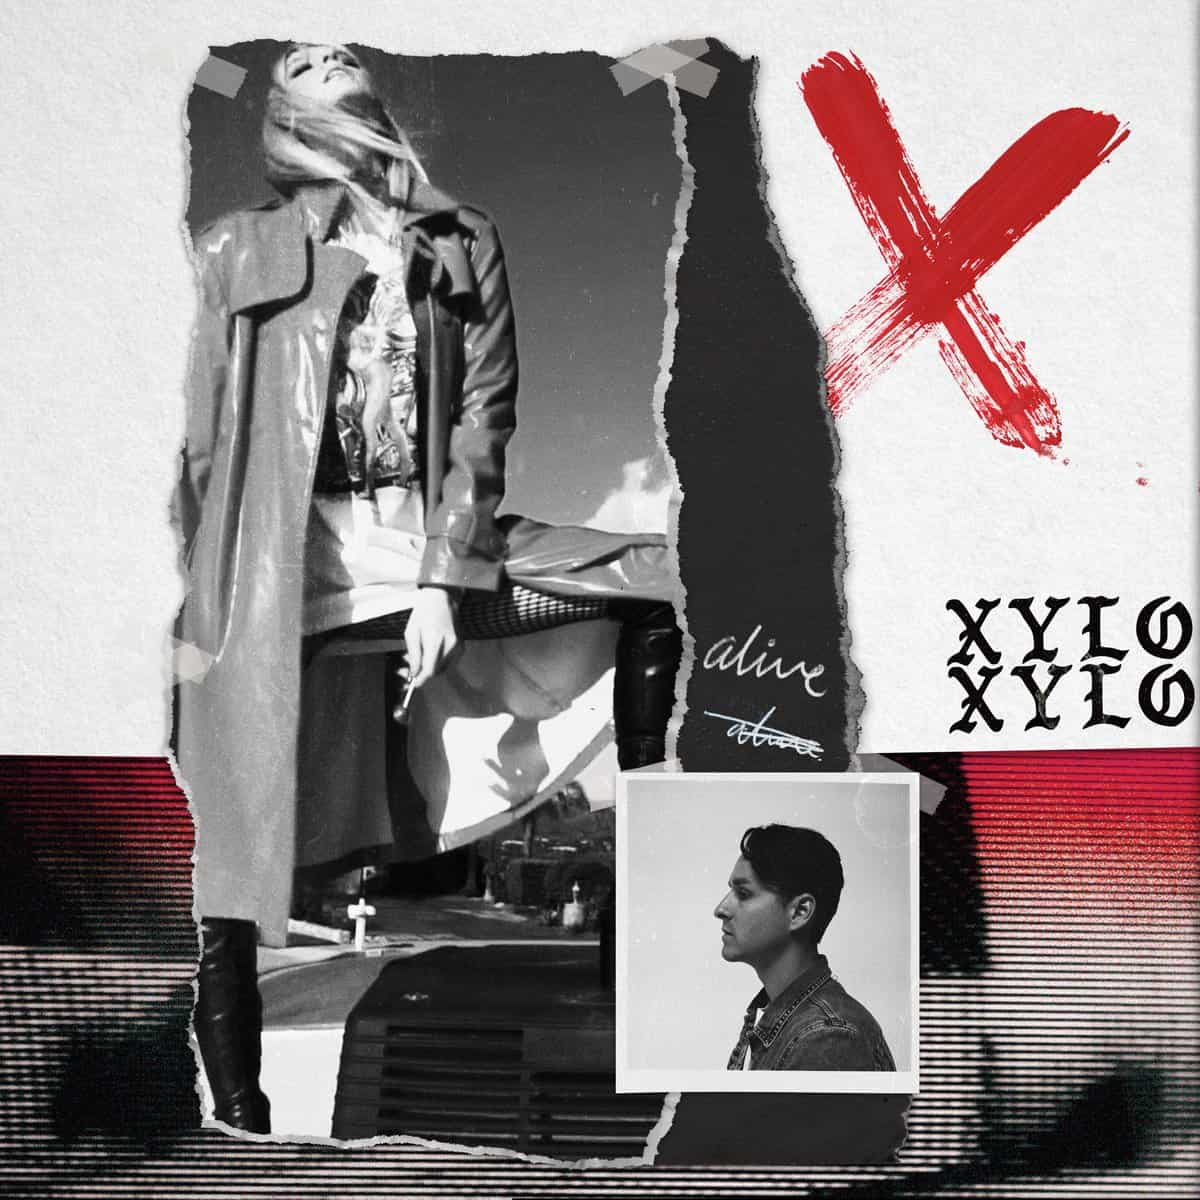 แปลเพลง Alive - XYLØ